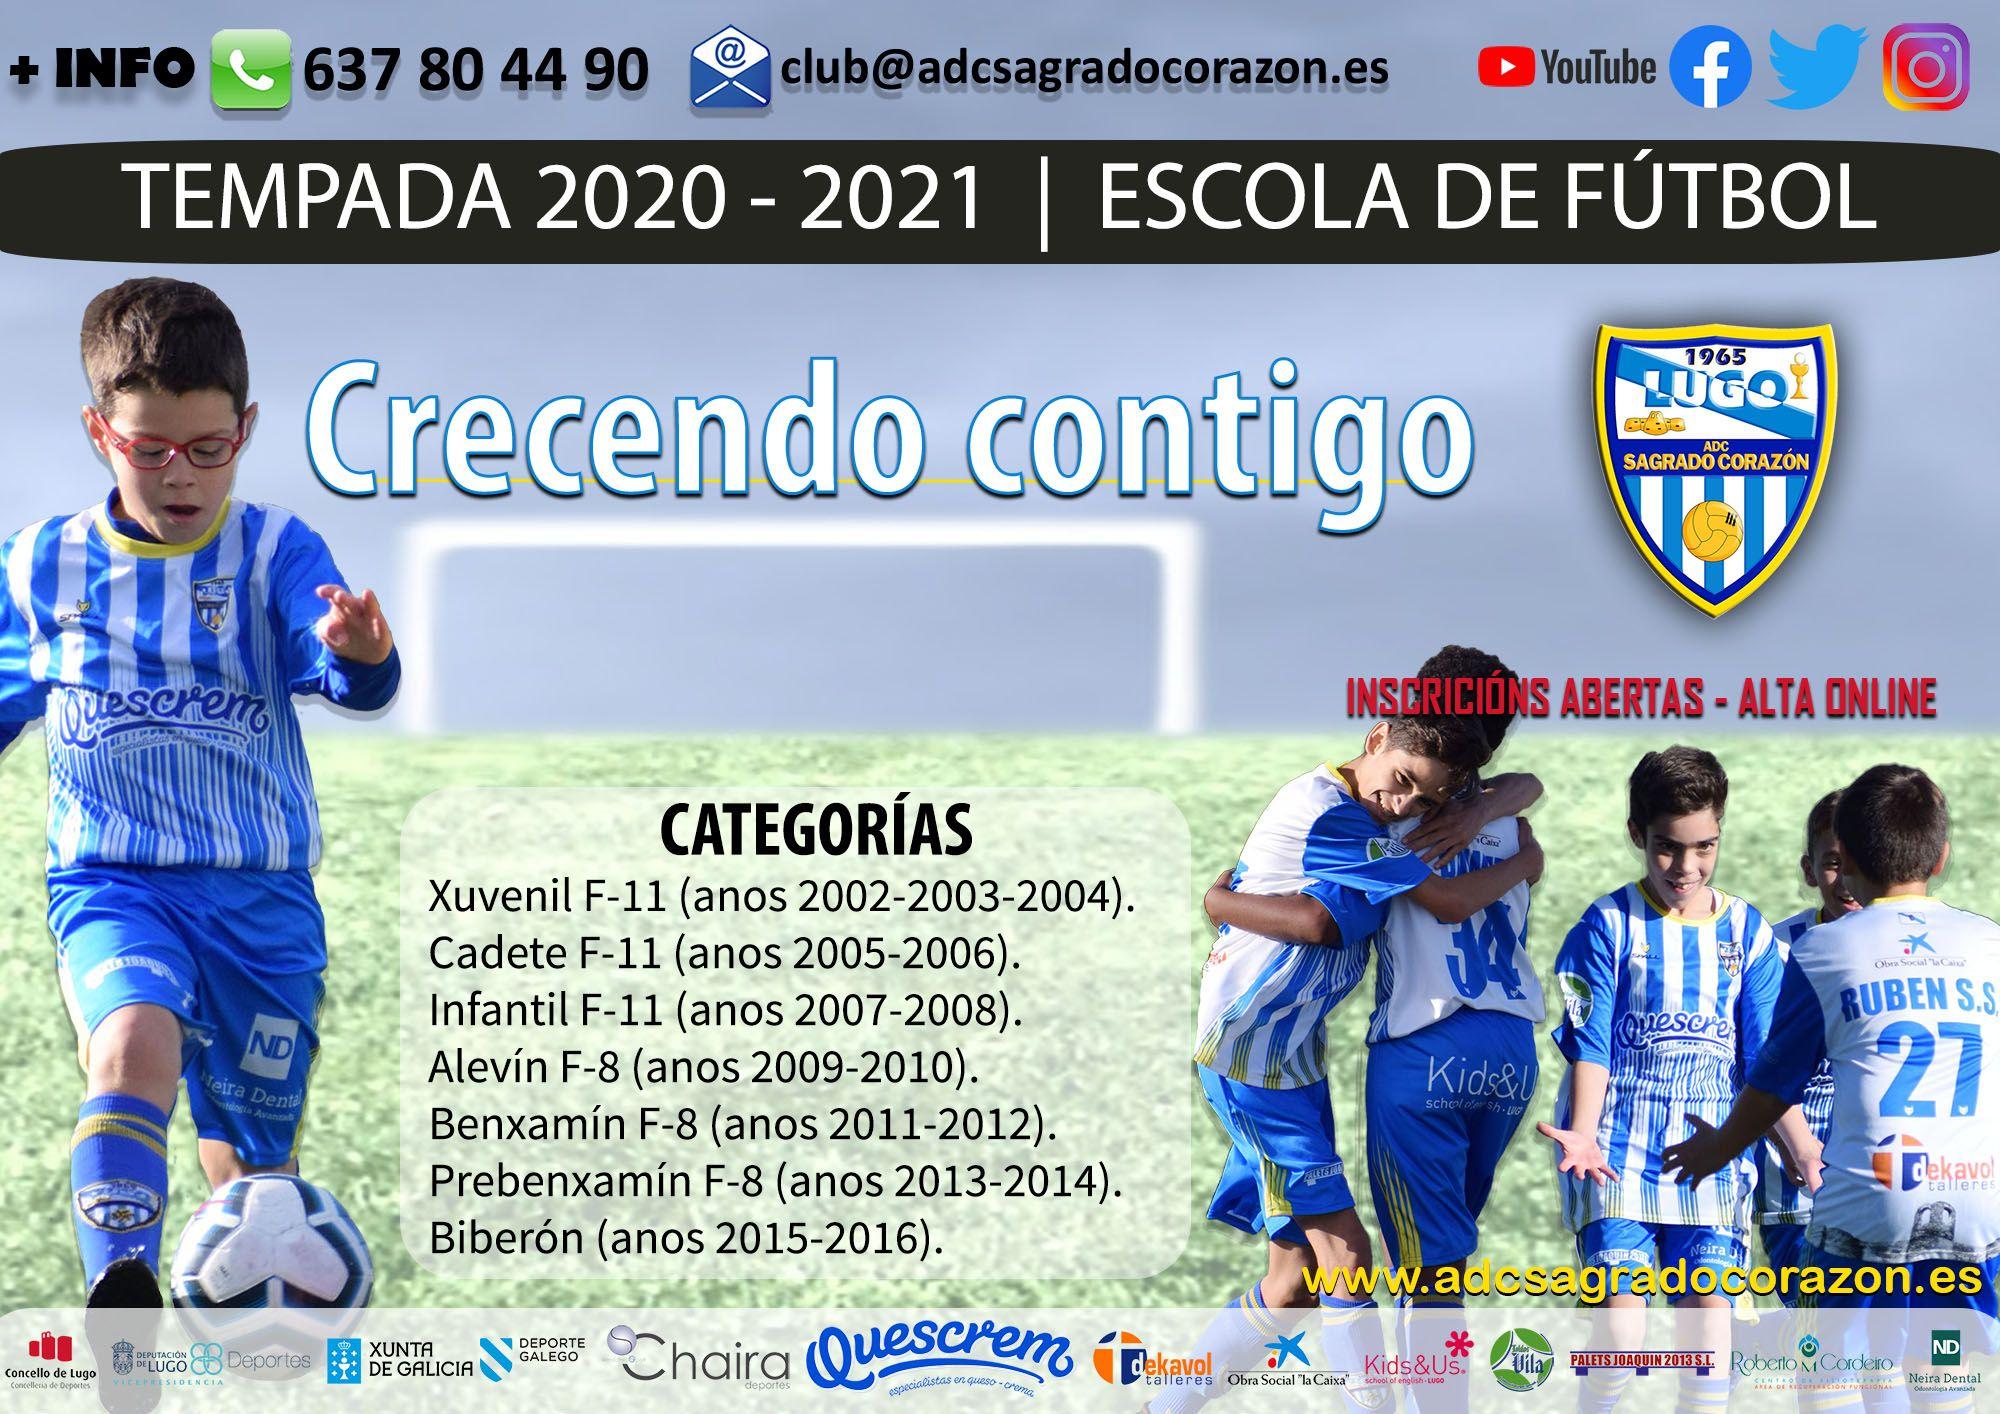 Abierto el periodo de altas en el club para la temporada 2020/2021